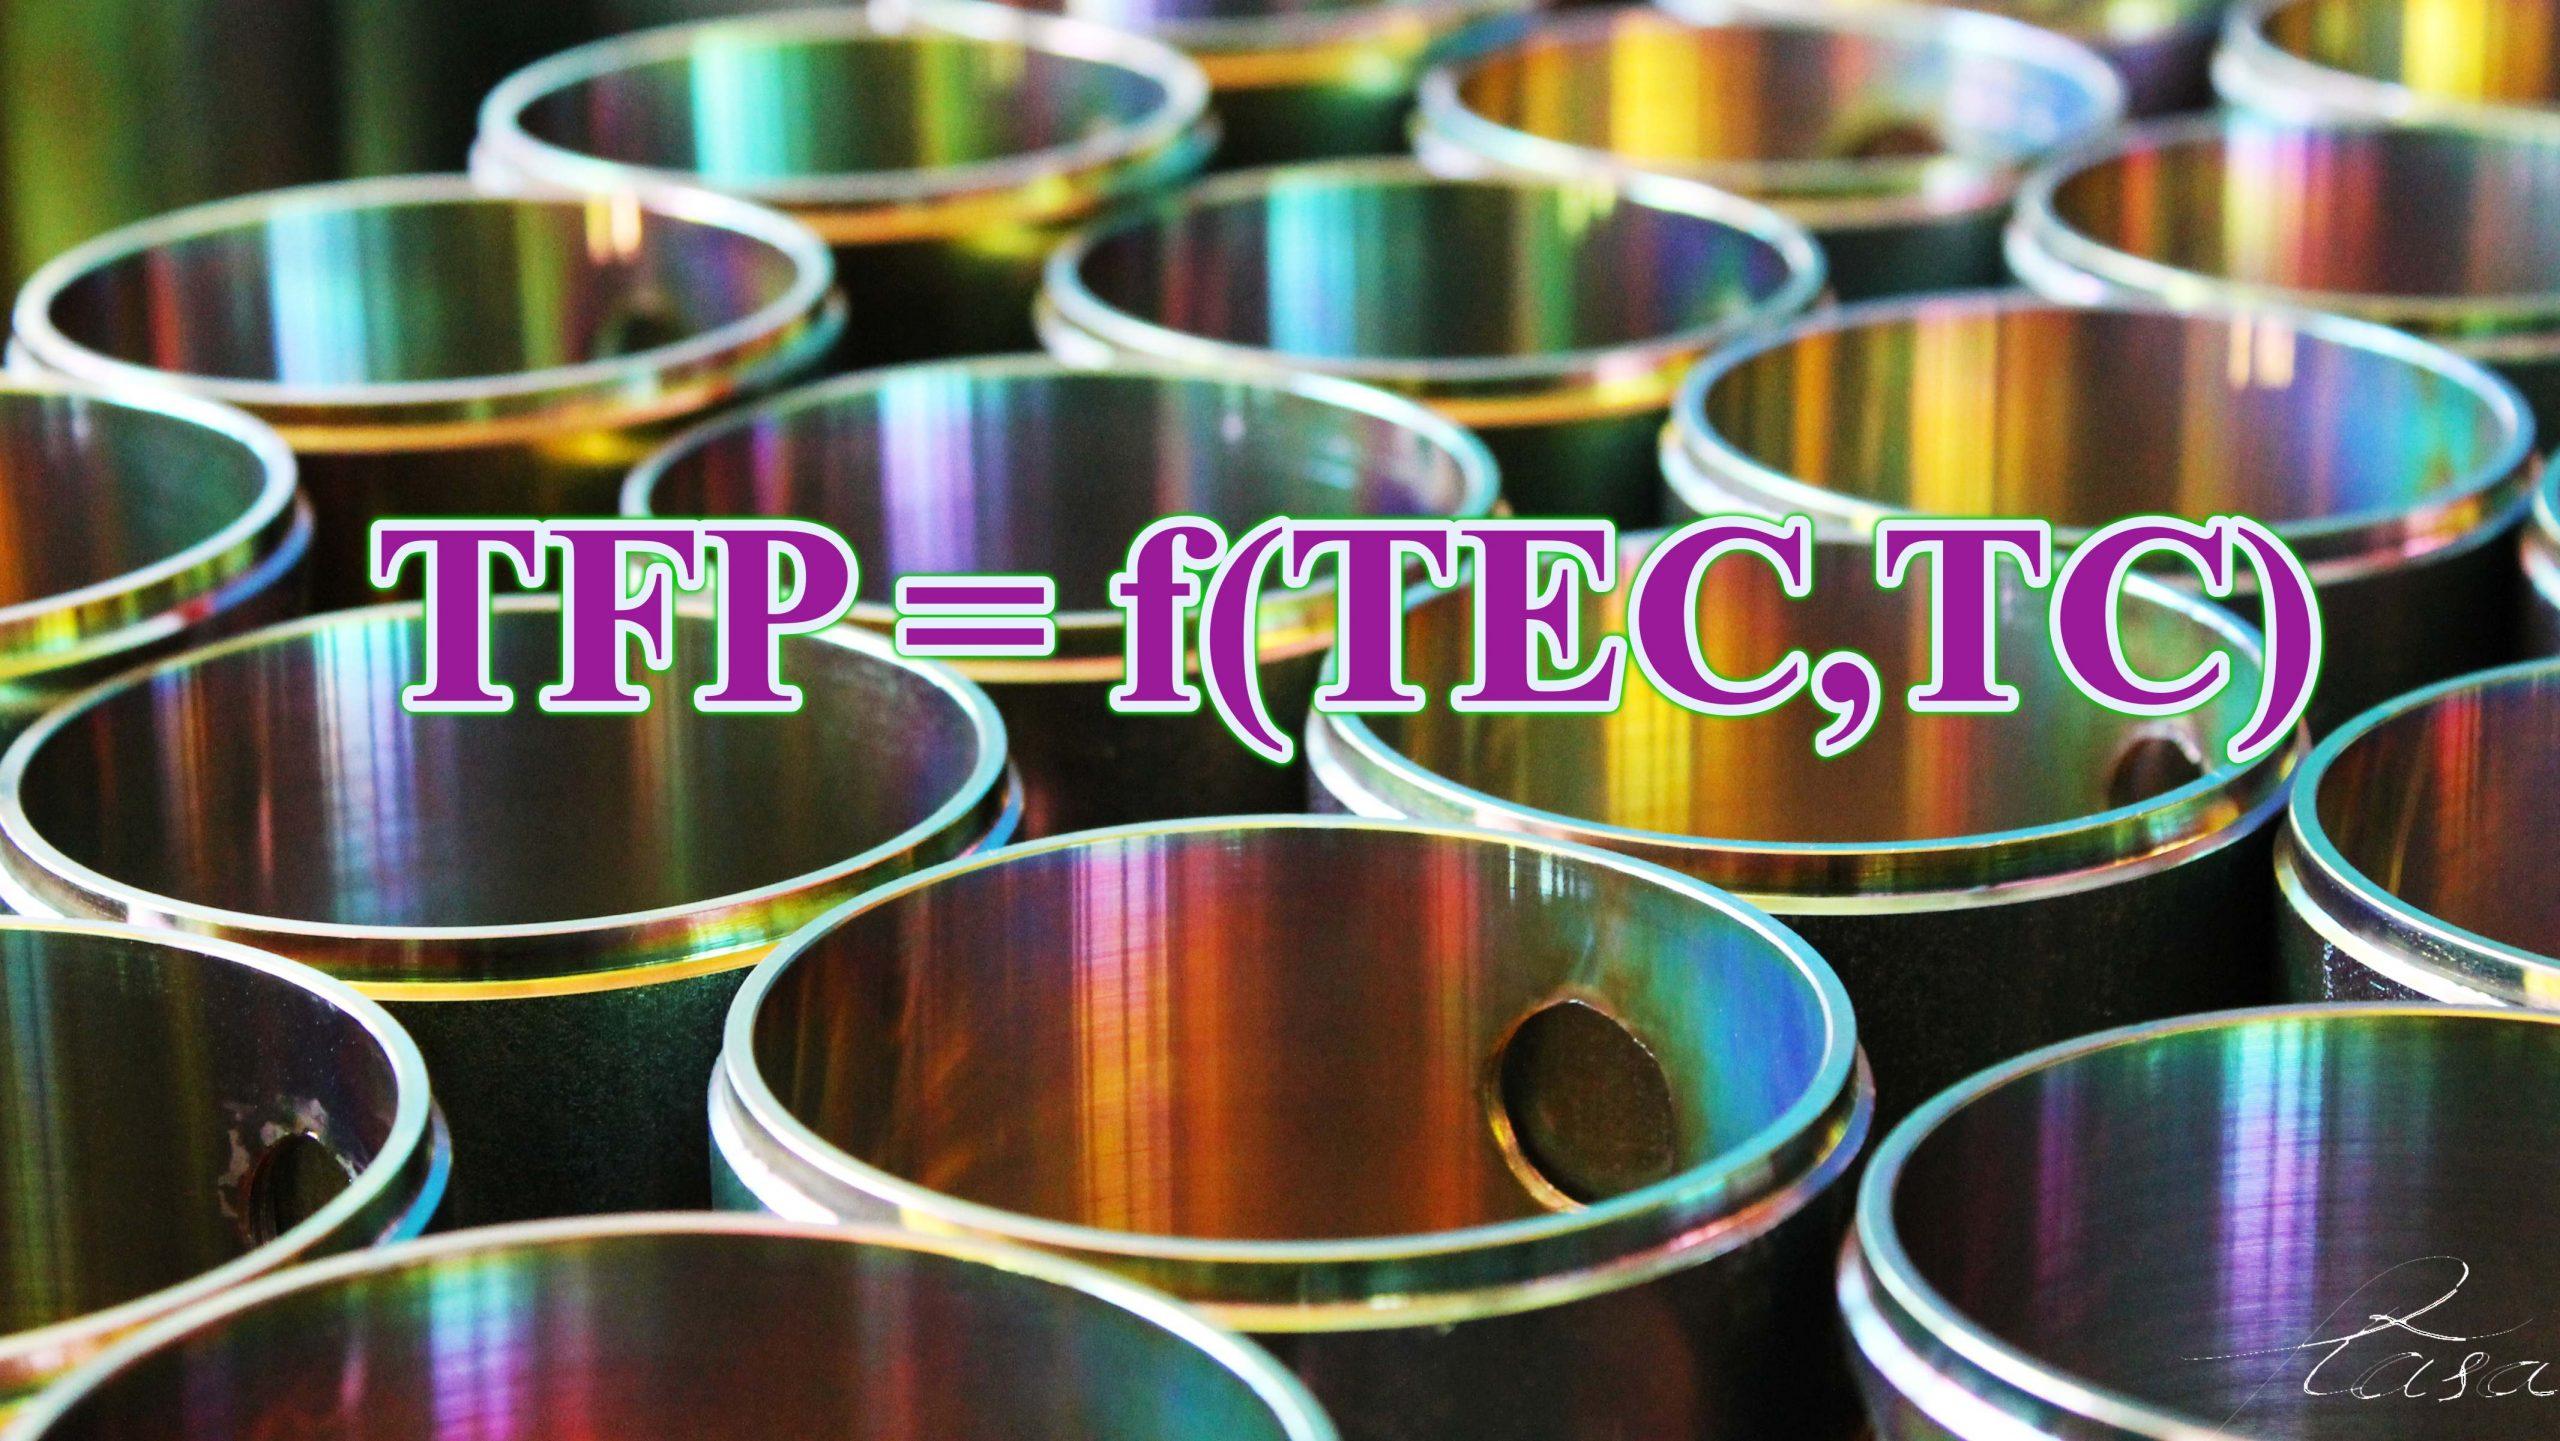 tfp tec tc scaled - yếu tố năng suất tổng hợp TFP hiệu quả kỹ thuật TE